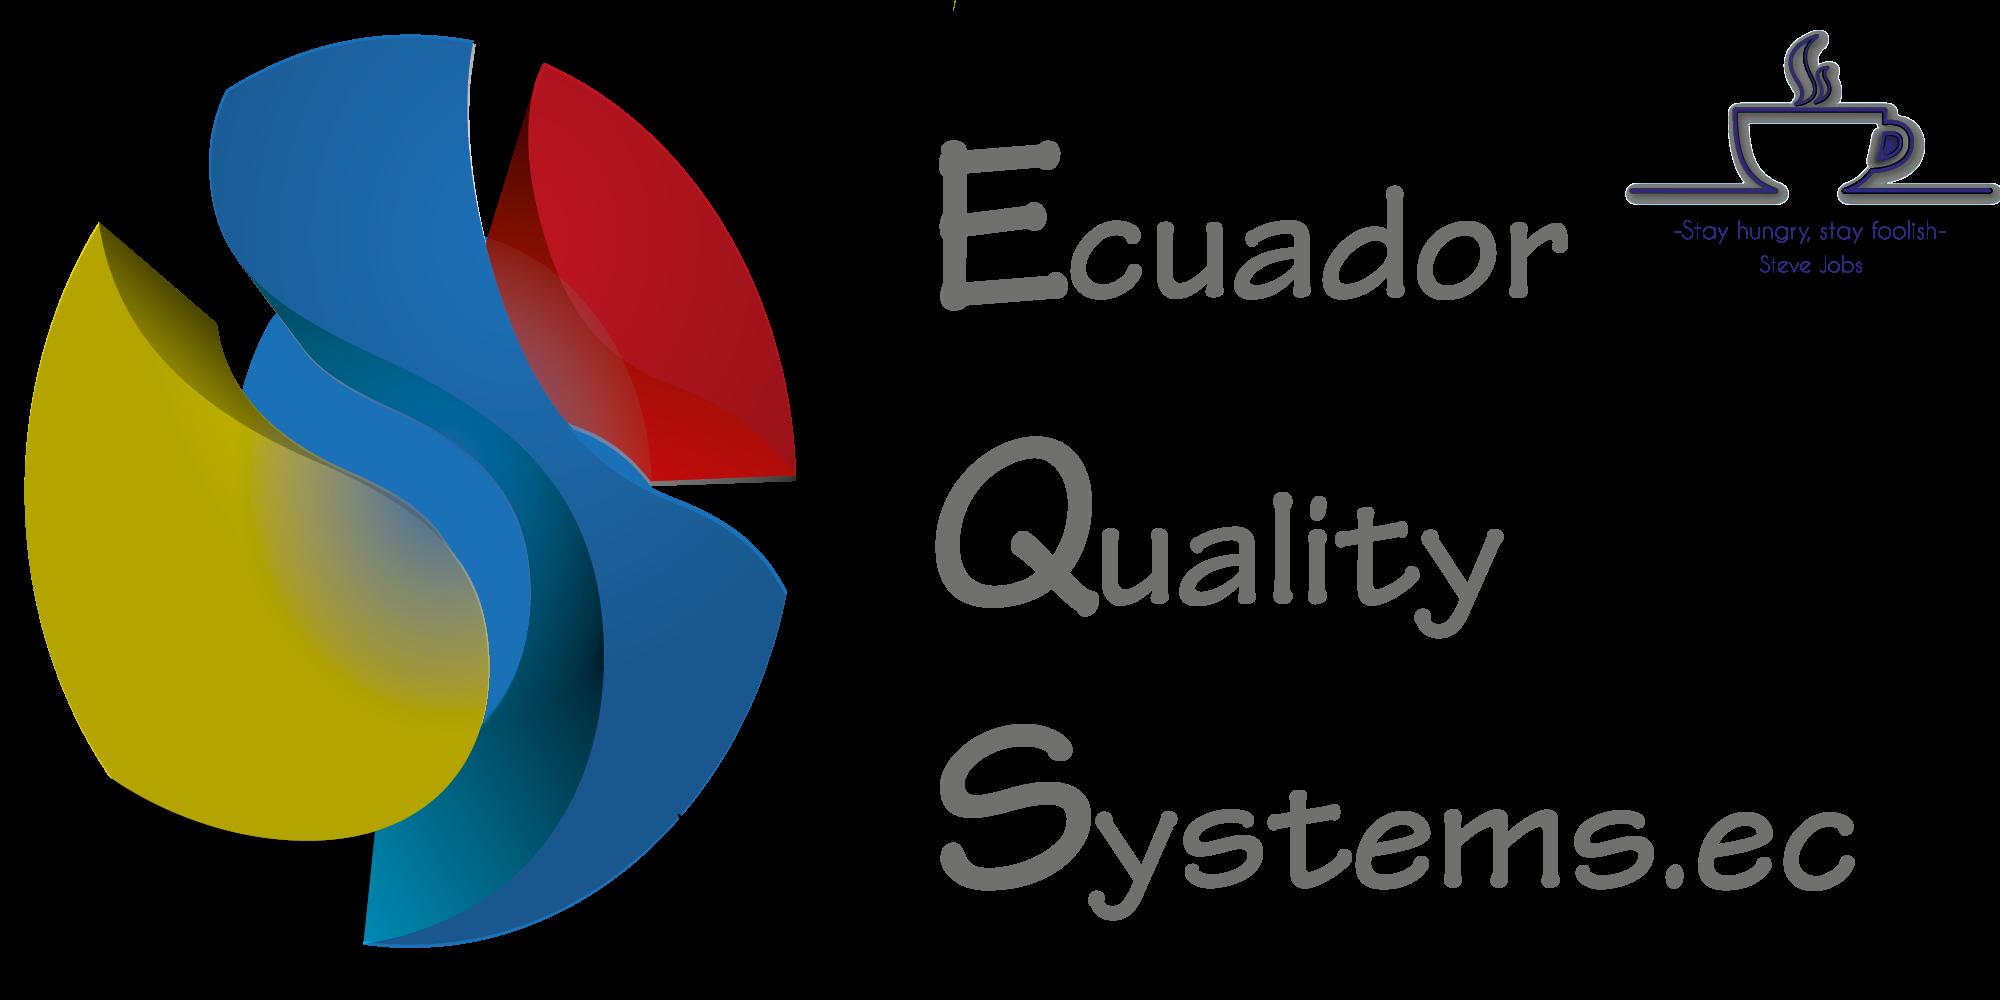 Ecuador Quality Systems